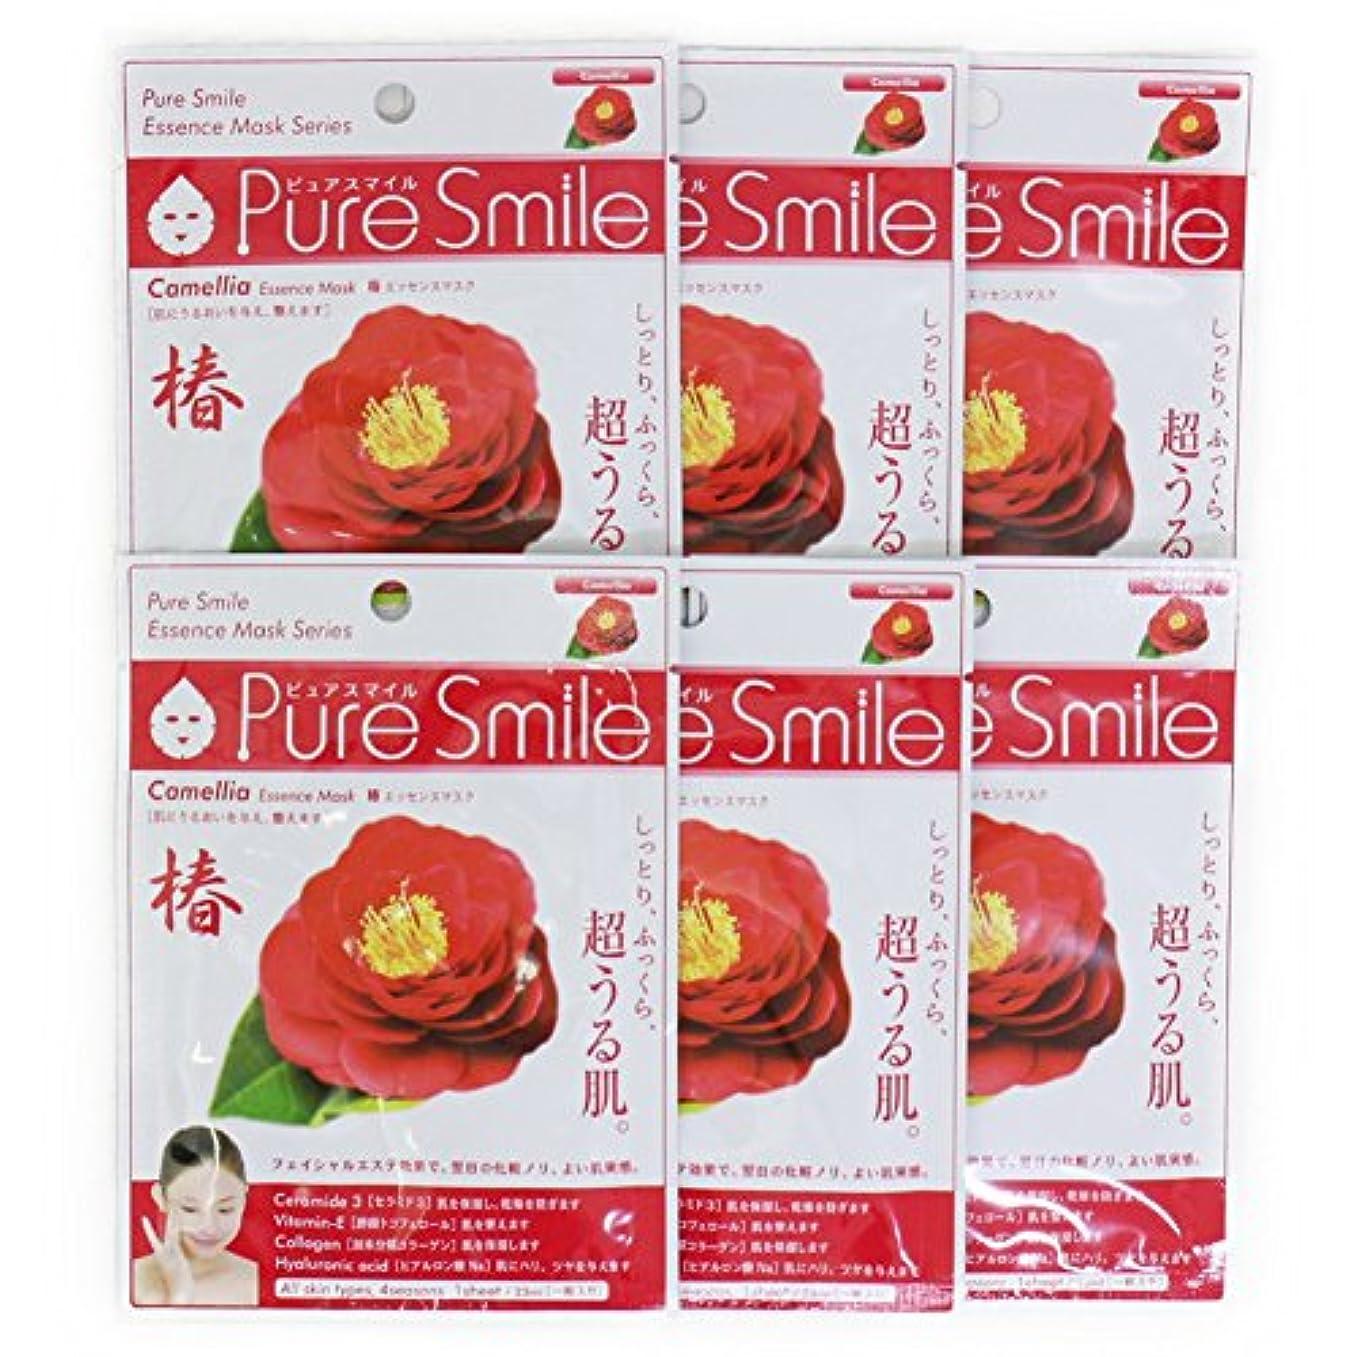 口径挽く道路Pure Smile ピュアスマイル エッセンスマスク 椿 6枚セット